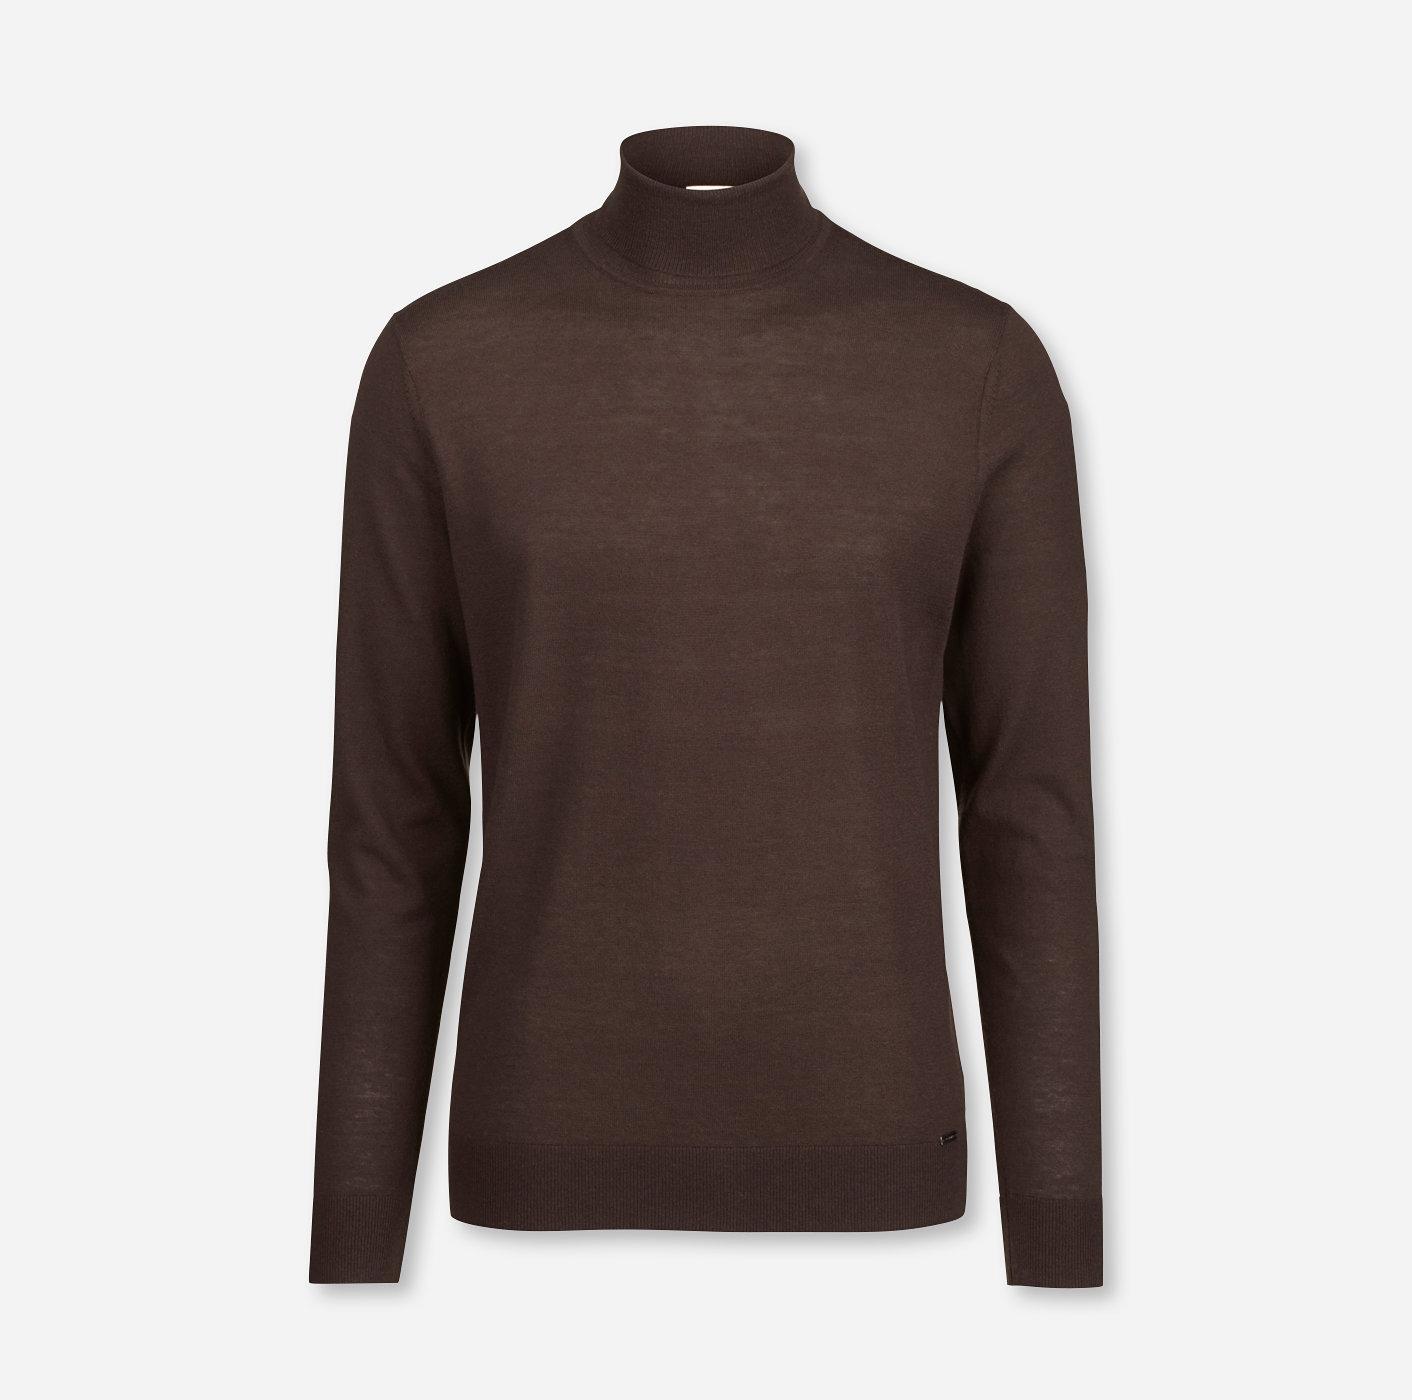 Ruf zuerst Top Marken berühmte Designermarke OLYMP Level Five Strick body fit Pullover Rollkragen Braun ...